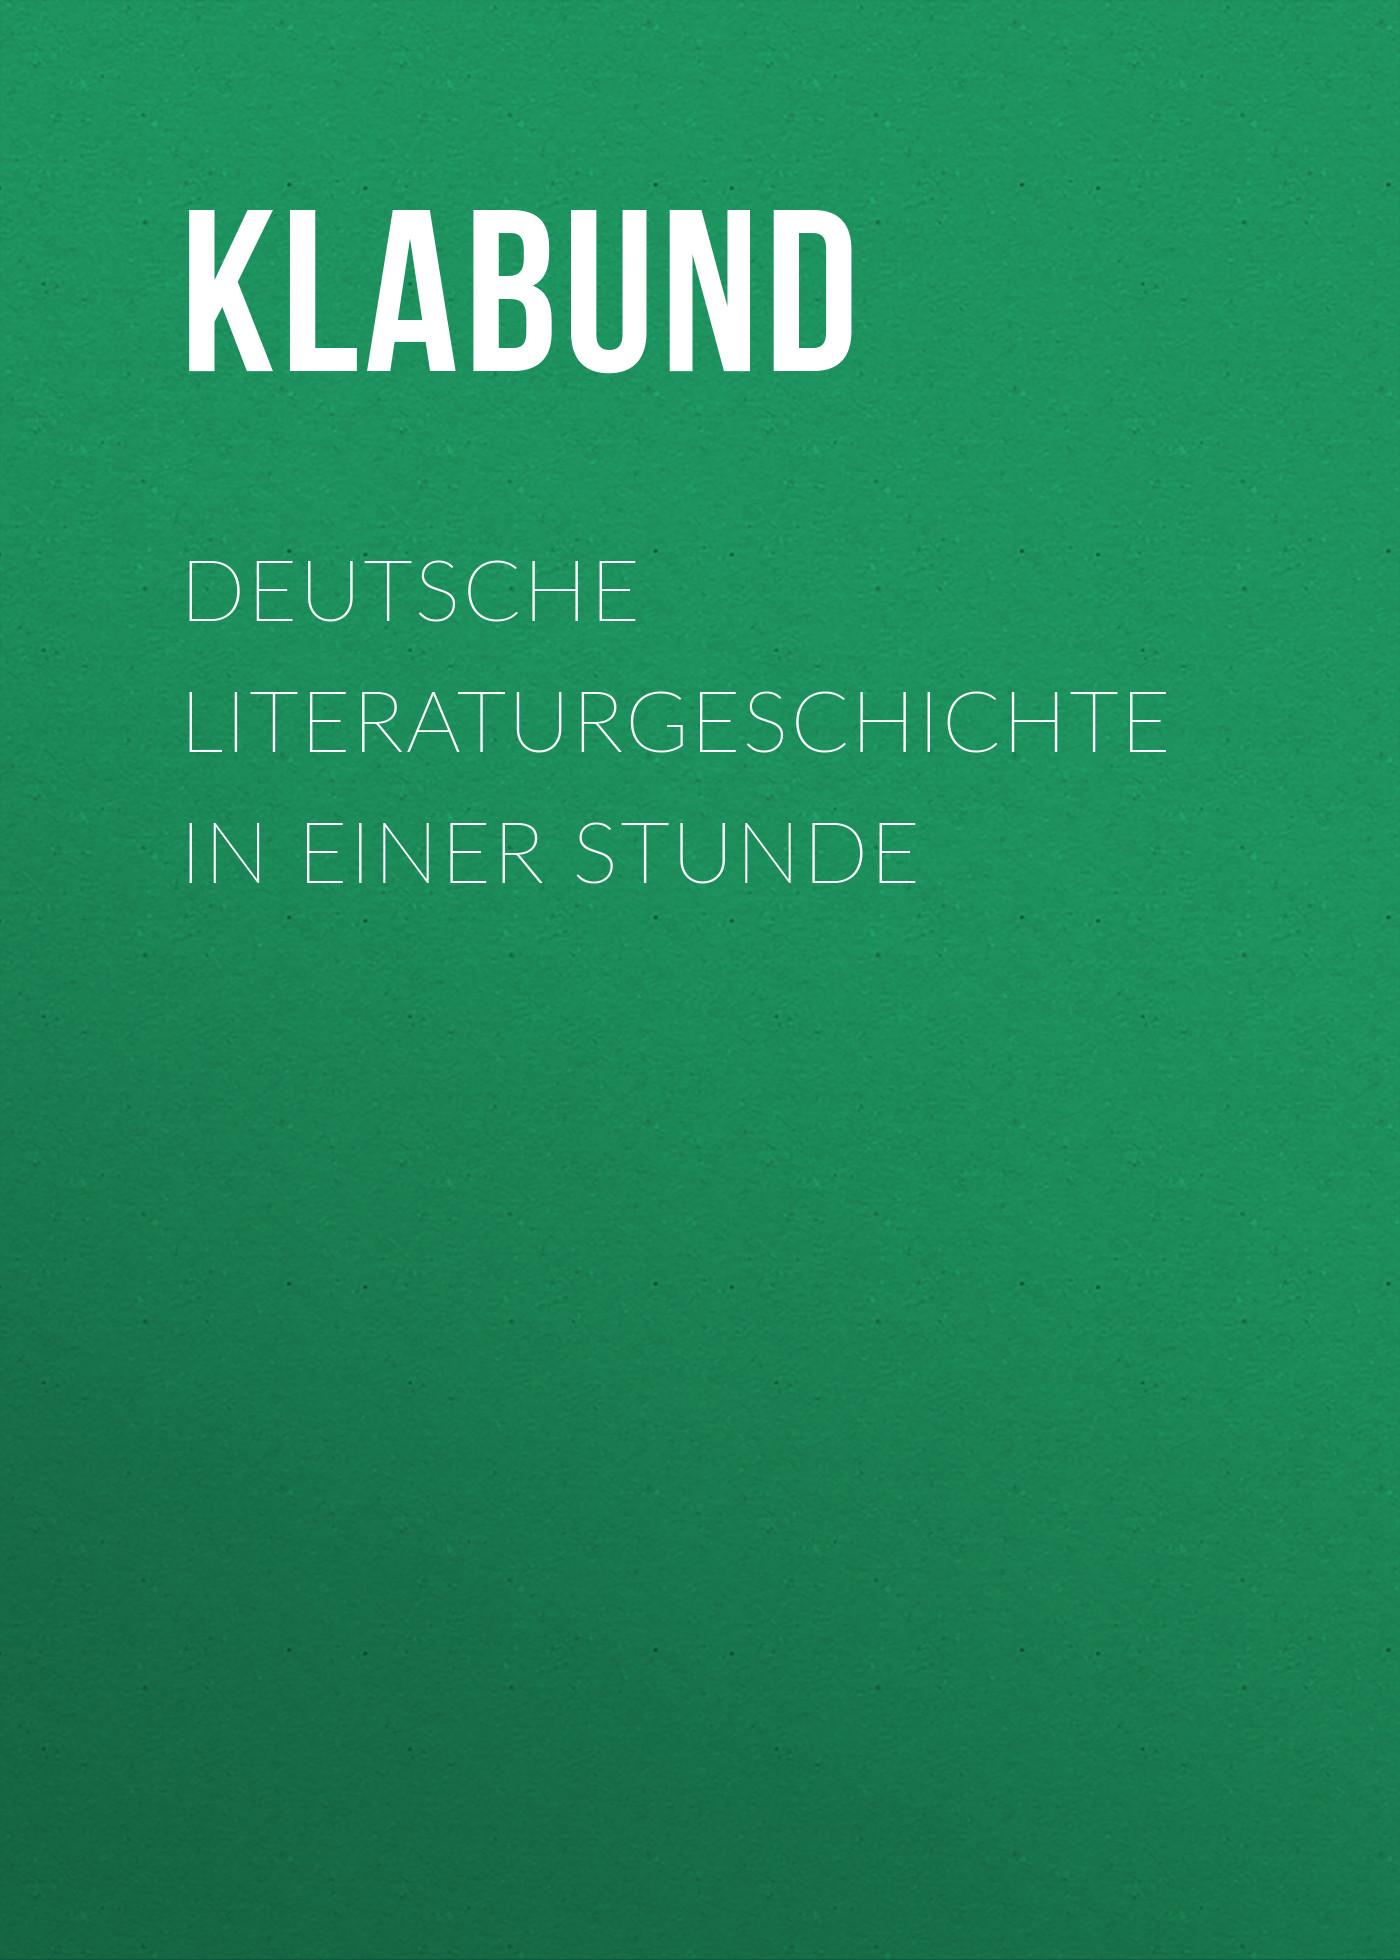 Klabund Deutsche Literaturgeschichte in einer Stunde sebastian boosen vergleich einer geldanlage in immobilien oder kapitalmarktprodukten